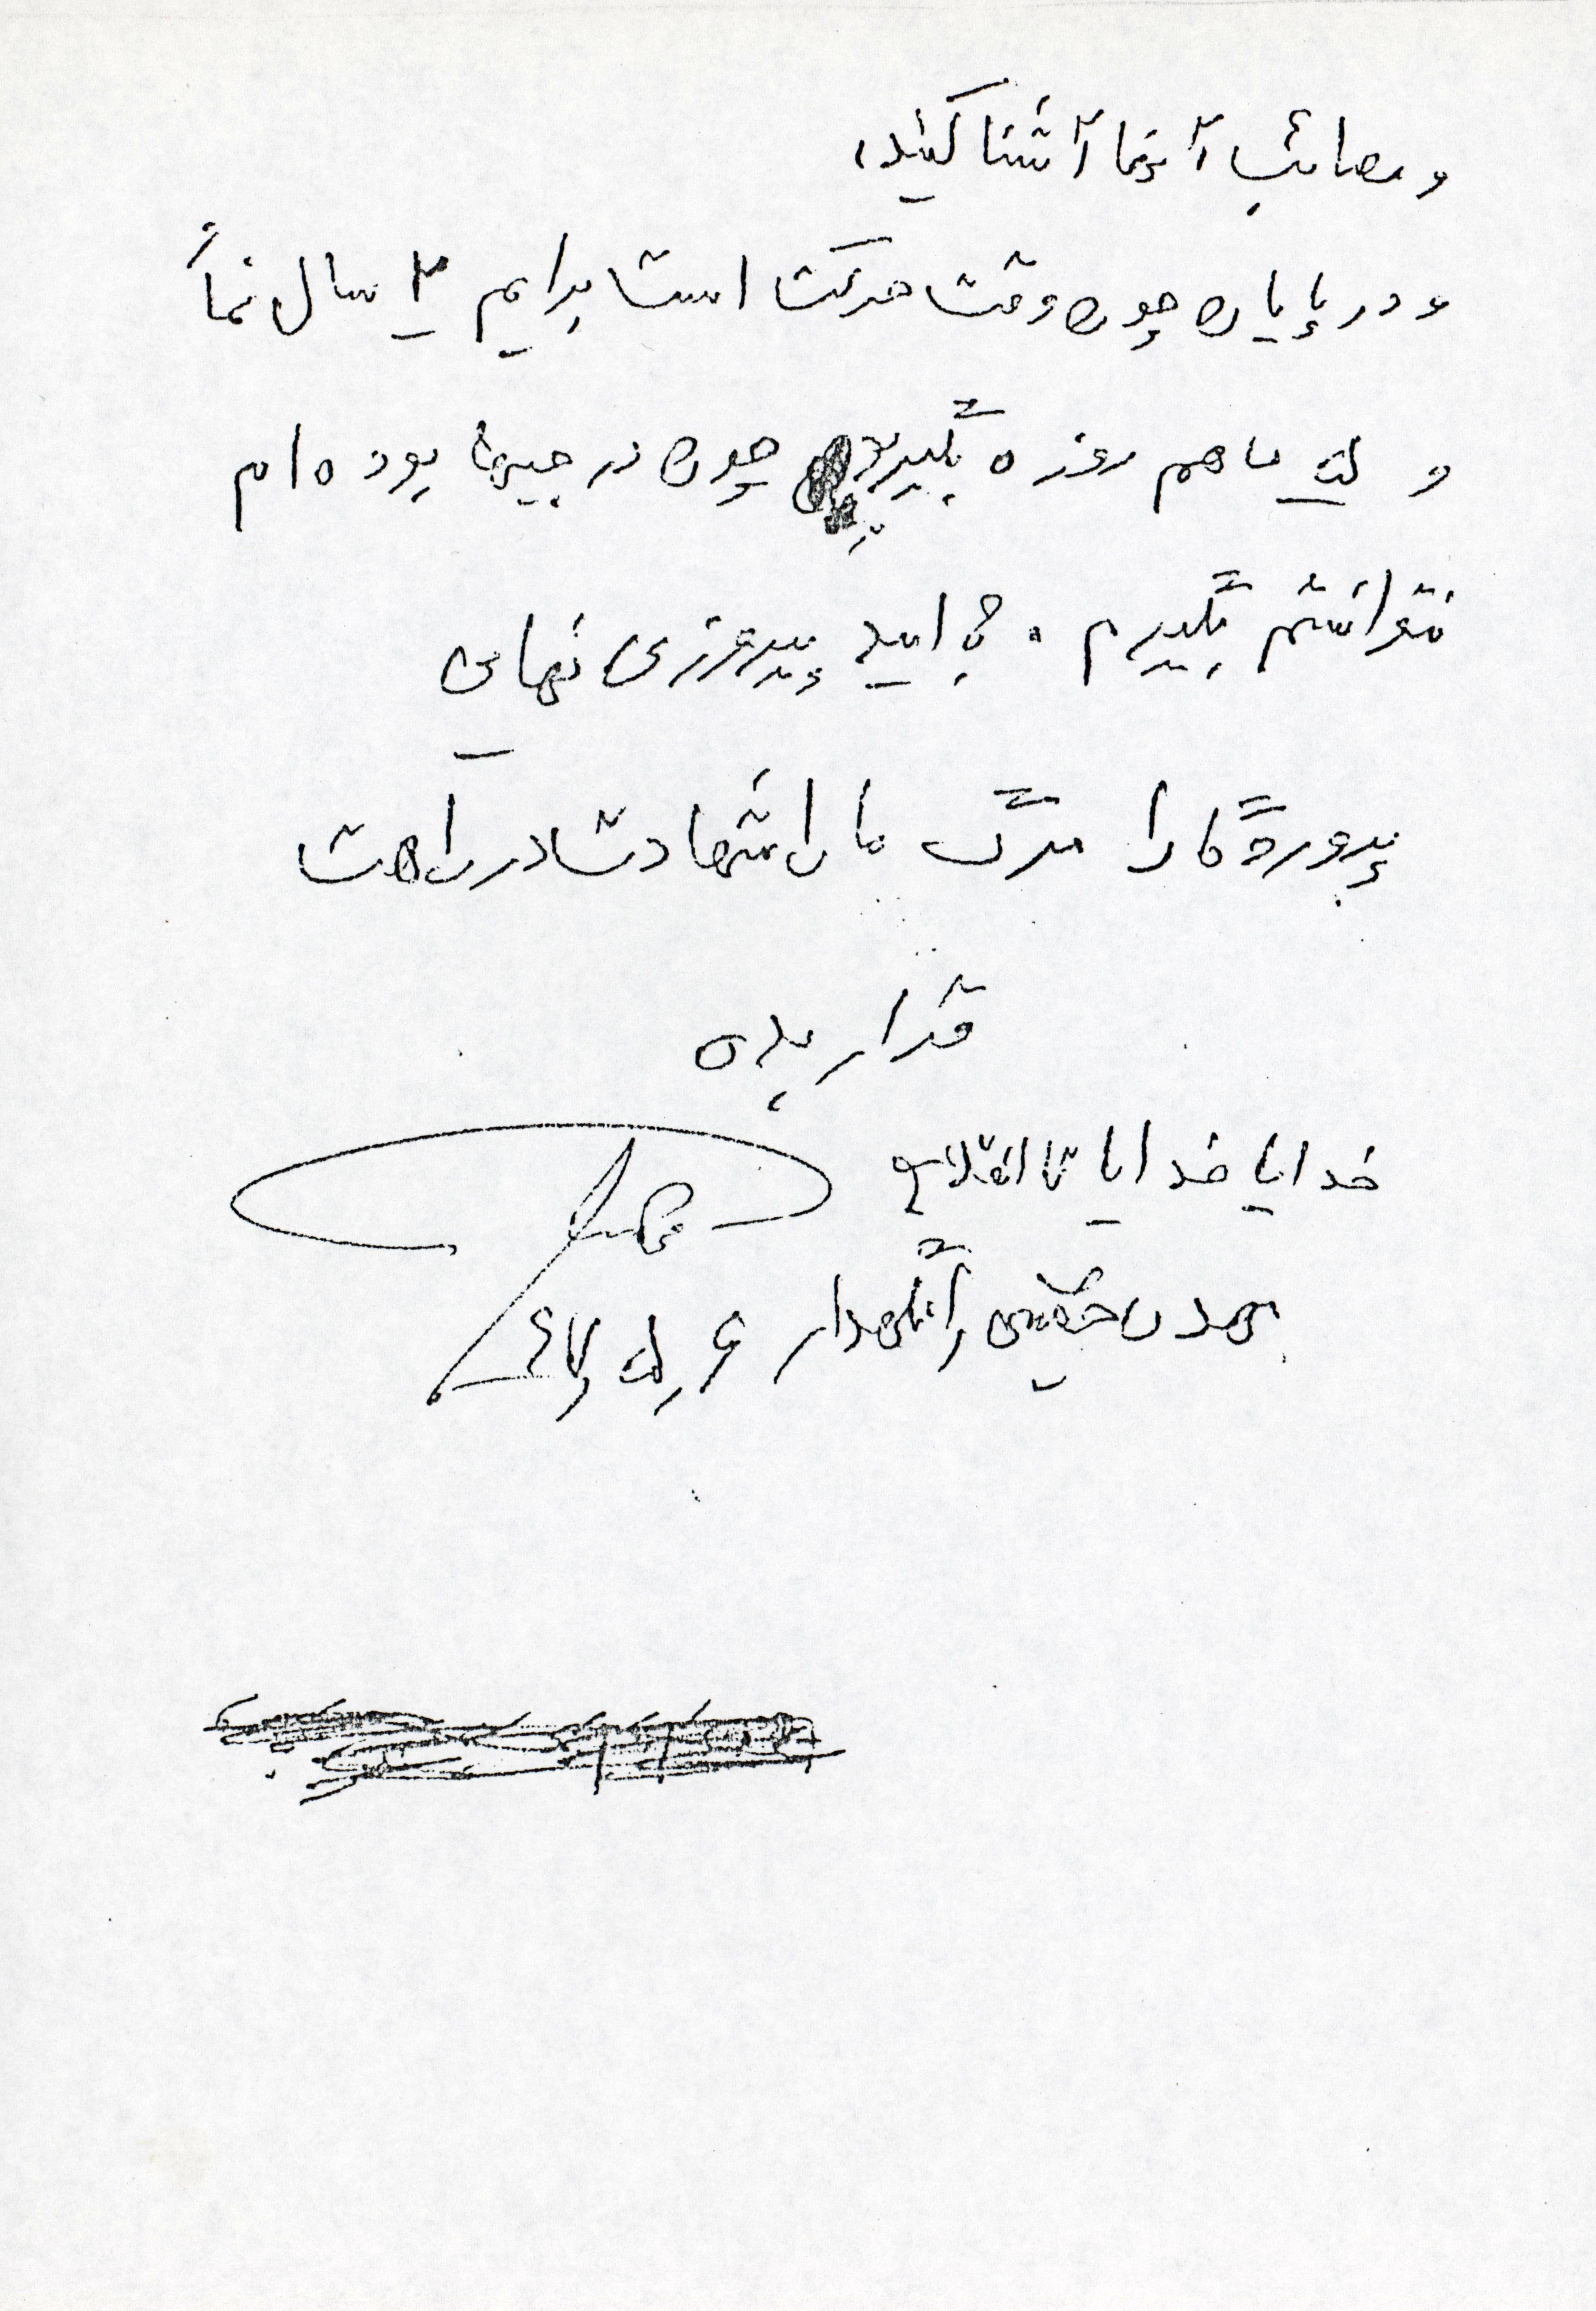 وصیتنامه پاسدار شهید علی فخارنیا / از خدا میخواهم مرا هم به صف عاشقان برساند